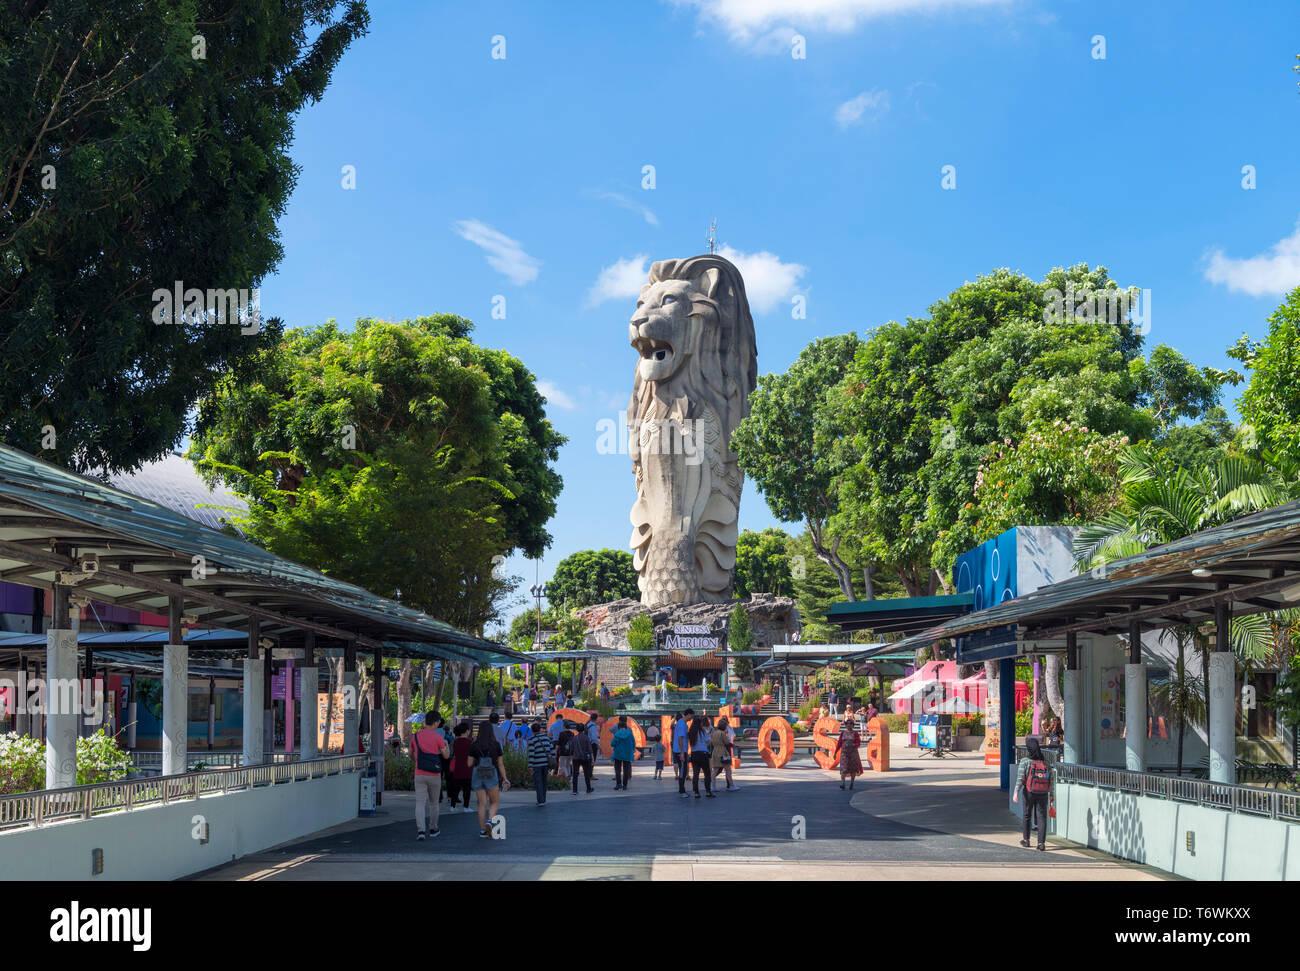 La statue du Merlion, symbole de Singapour, sur l'île de Sentosa, Singapour Banque D'Images